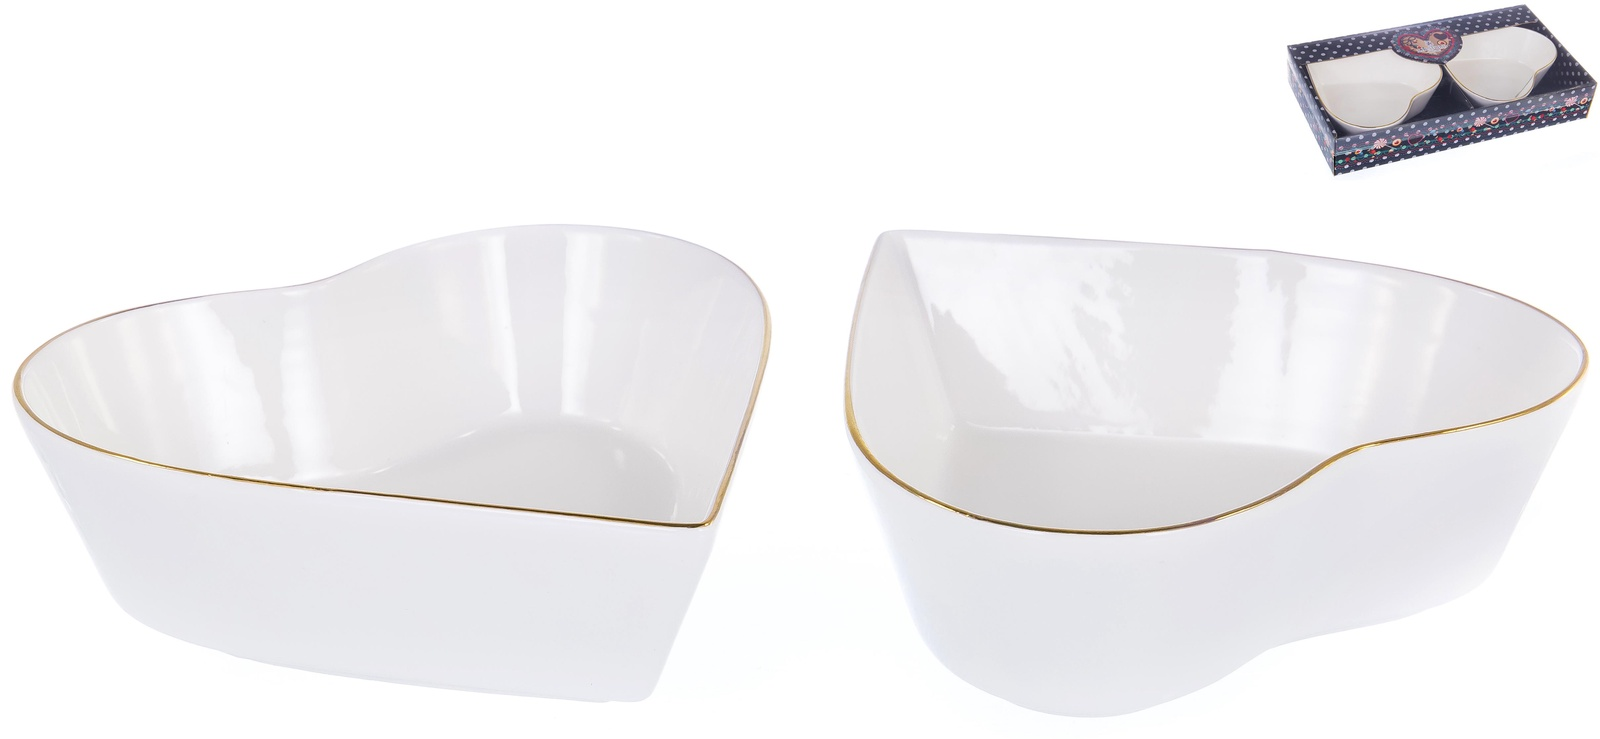 Набор 2 фигурных салатника размером 16см, ГРАЦИЯ, NEW BONE CHINAа NEW BONE CHINA, декор белый с золотом, подарочная упаковка с окном и бантом, ТМ Balsford, 101-01049